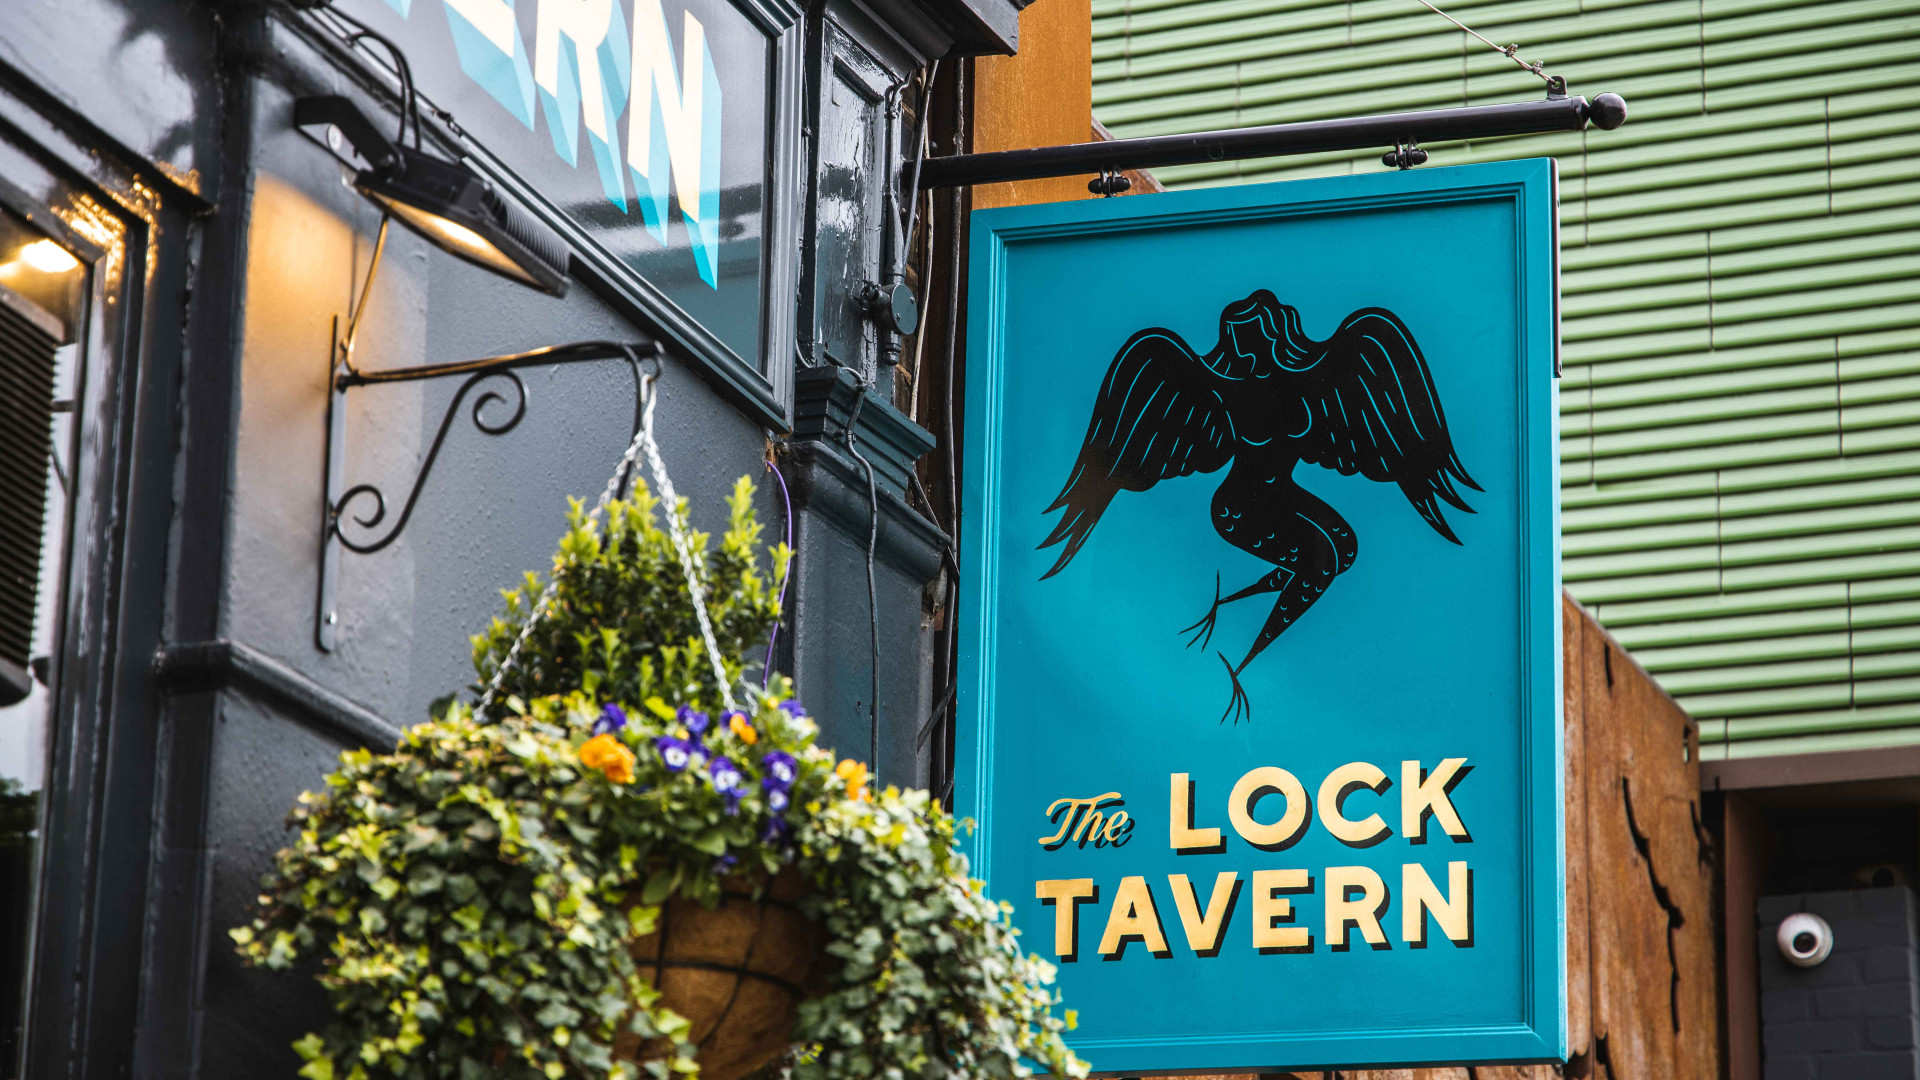 The Lock Tavern Easter festival